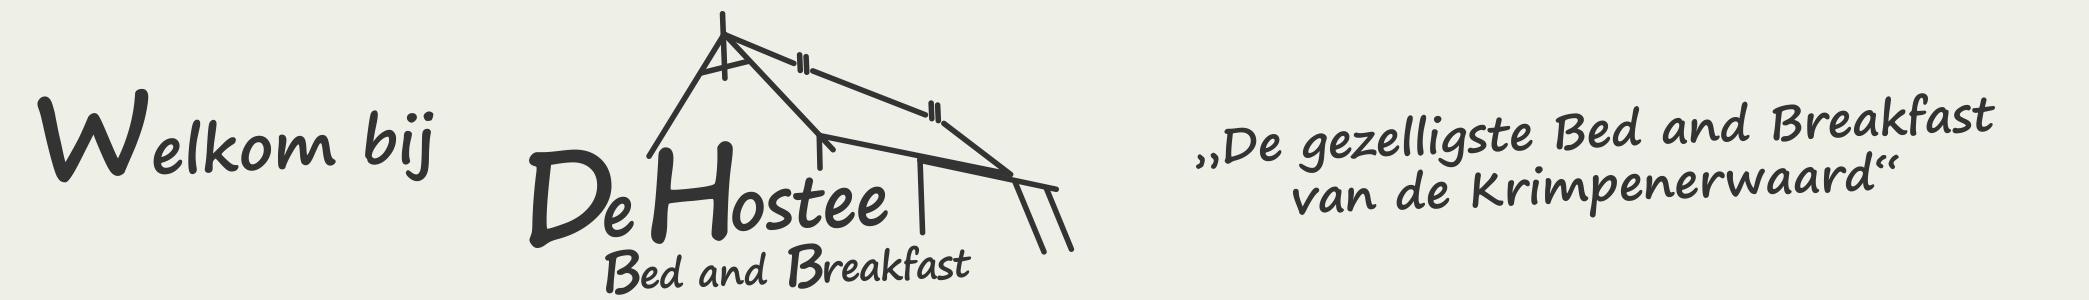 Welkom bij DE HOSTEE logo